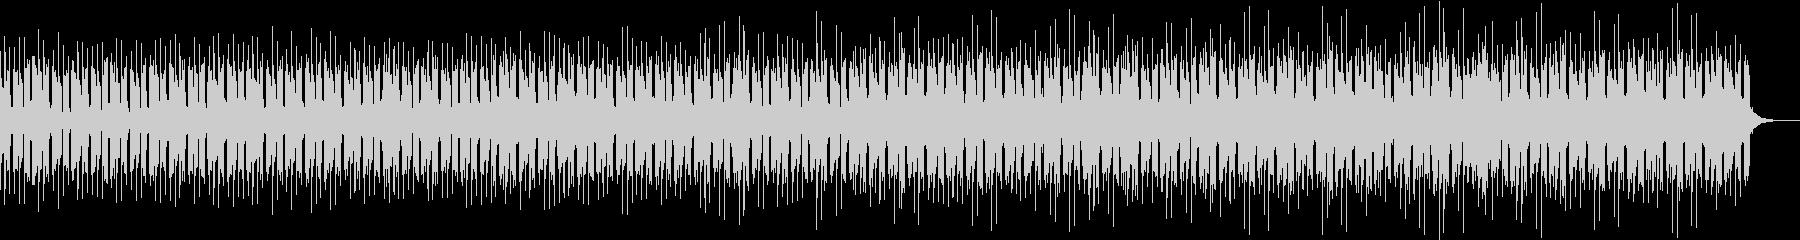 浮遊感あるアーバンなコンピューター曲の未再生の波形